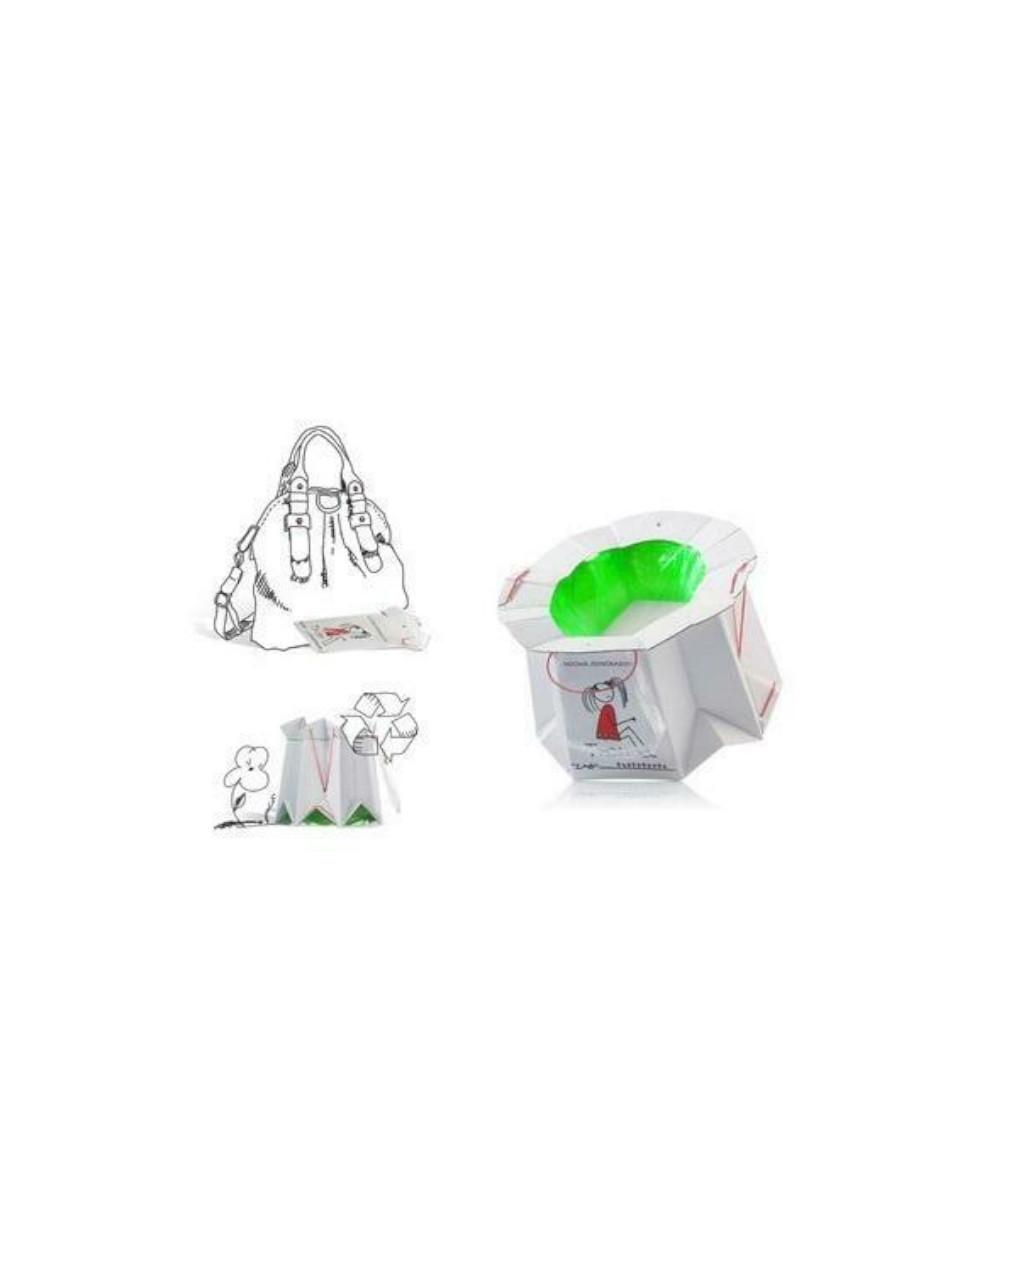 Vasino da viaggio usa e getta monouso biodegradabile per bambini - Tron